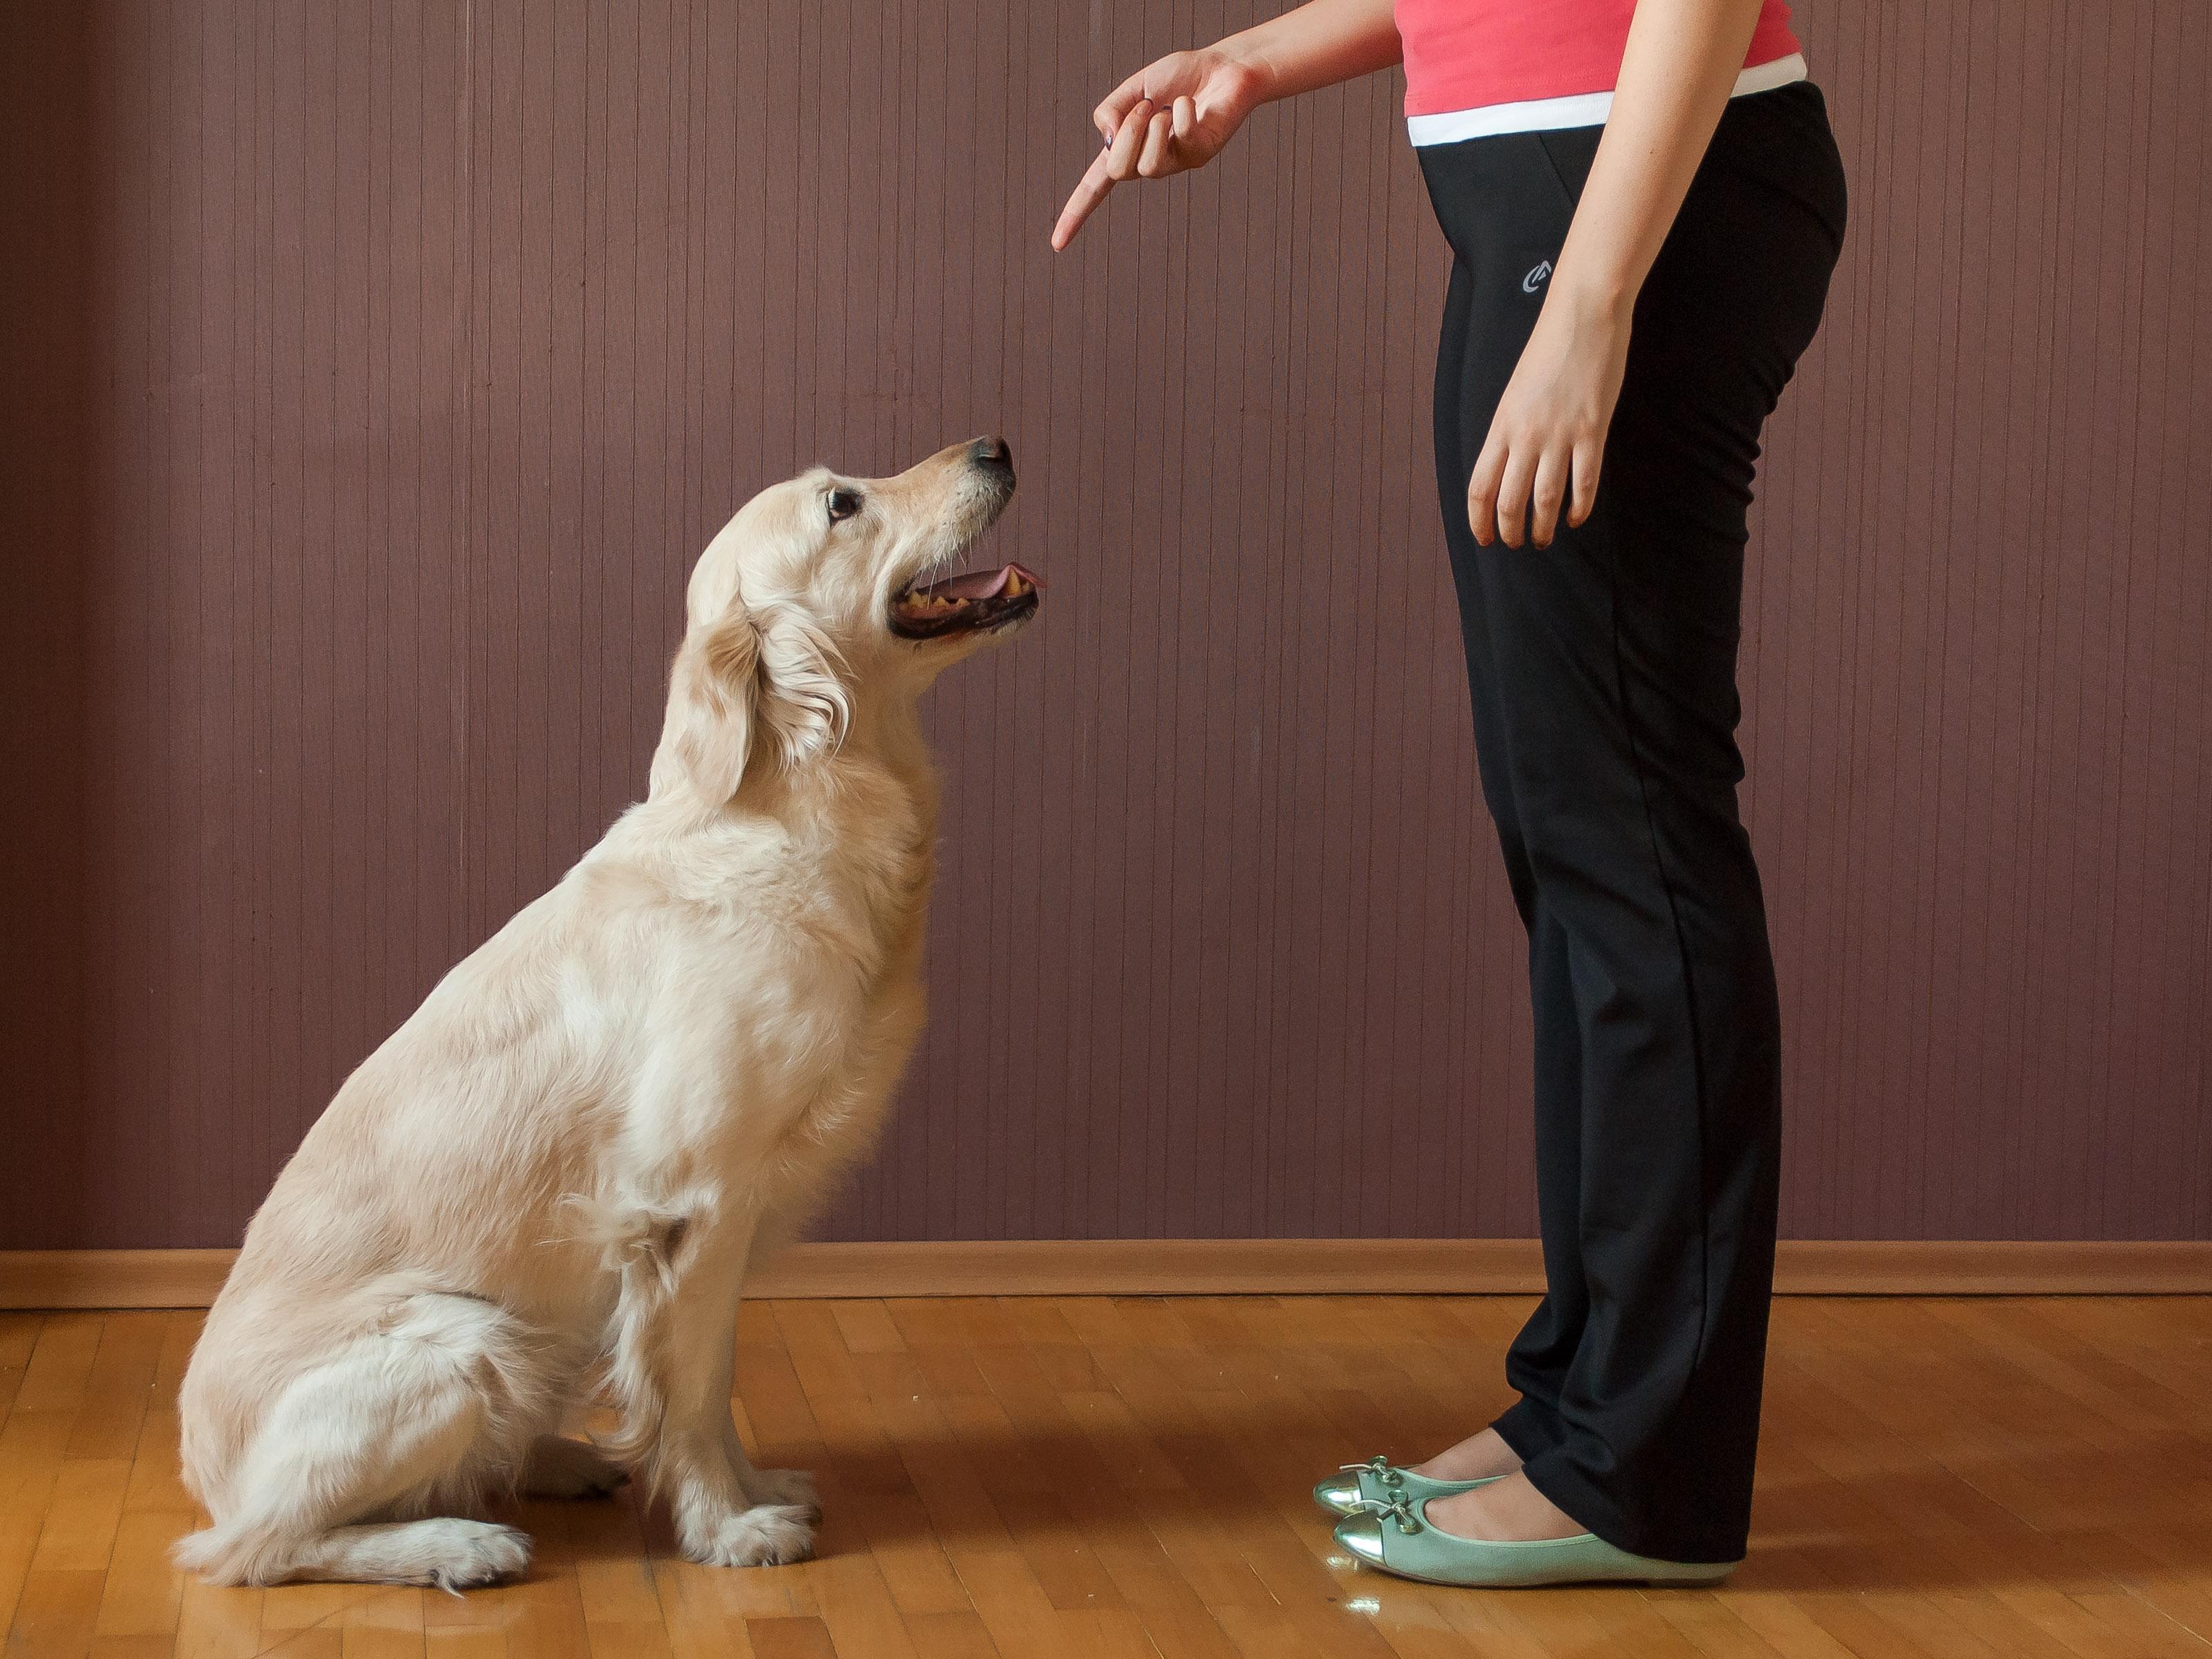 Adestramento adequado pode resolver quase todos os problemas de comportamento do seu cão. Com consistencia e reforço positivo, em pouco tempo os resultados podem ser notados.